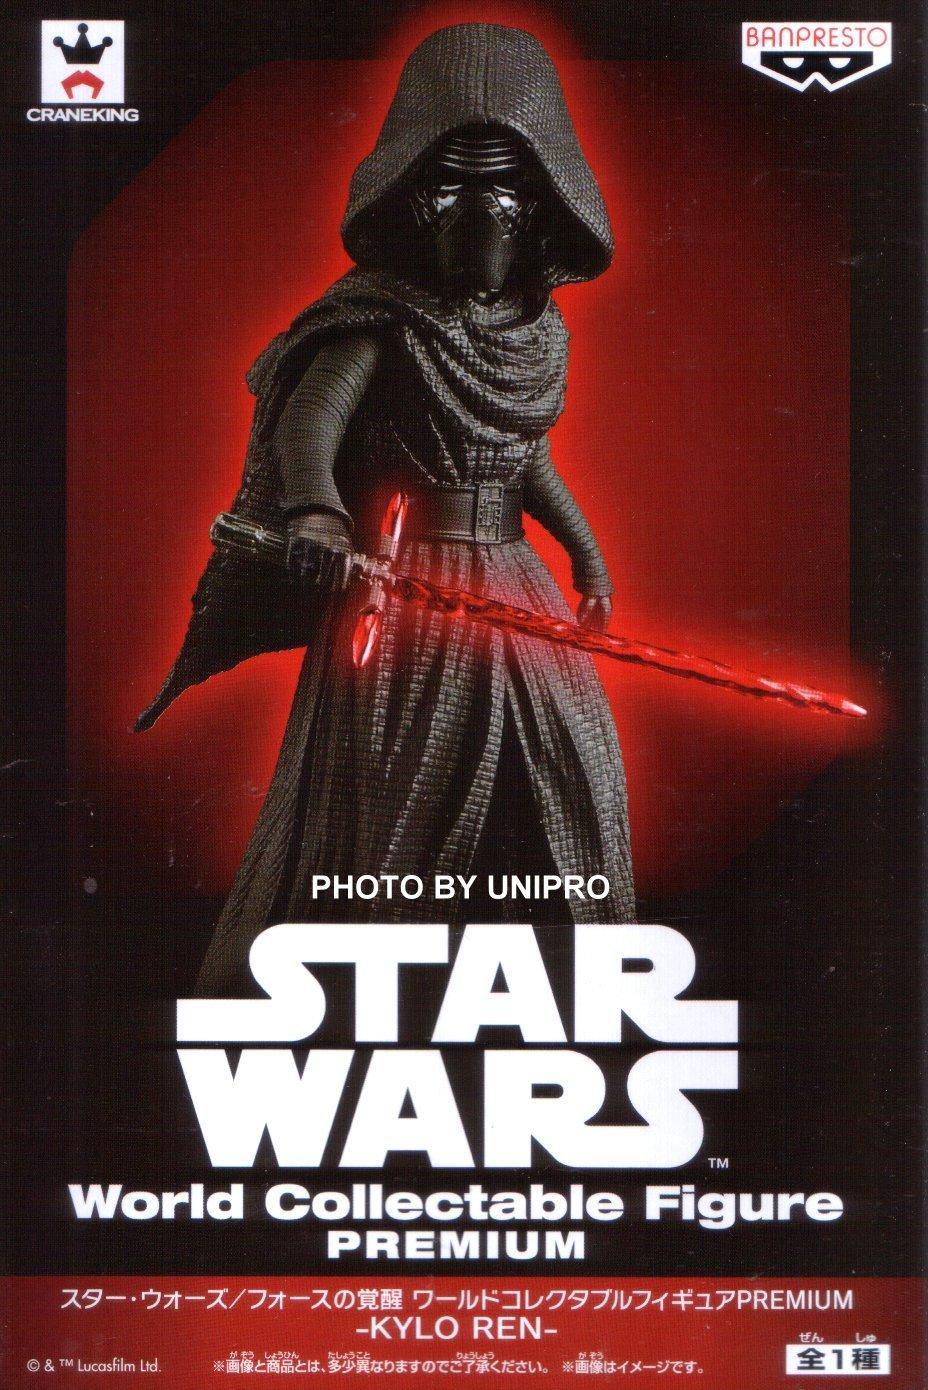 日版 WCF Premium 原力覺醒 基羅雷恩 凱羅恩 凱羅忍 Kylo Ren Star Wars Figure 星際大戰 公仔